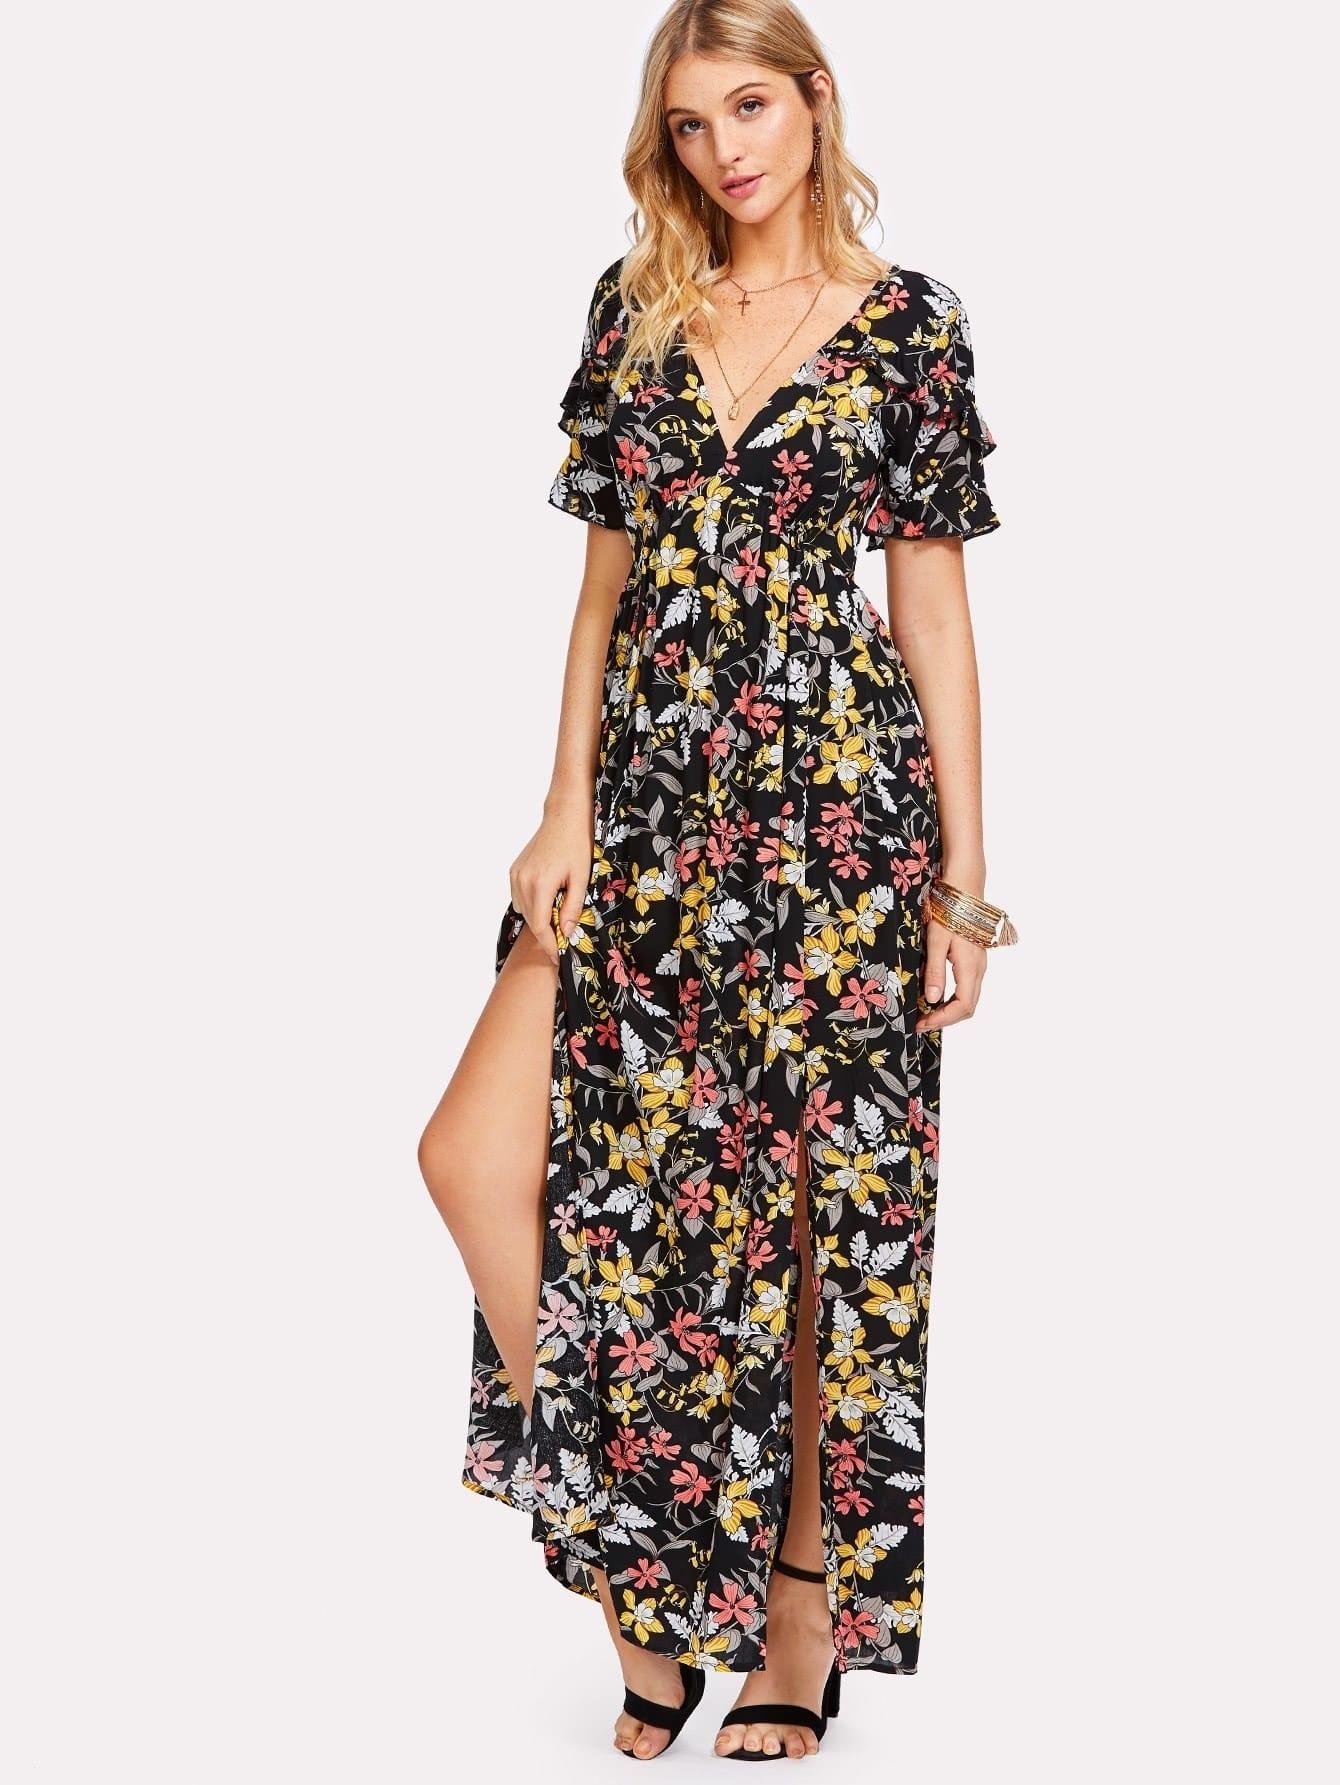 Ruffle Trim Plunge Neck Floral Dress lace trim plunge neck jumper